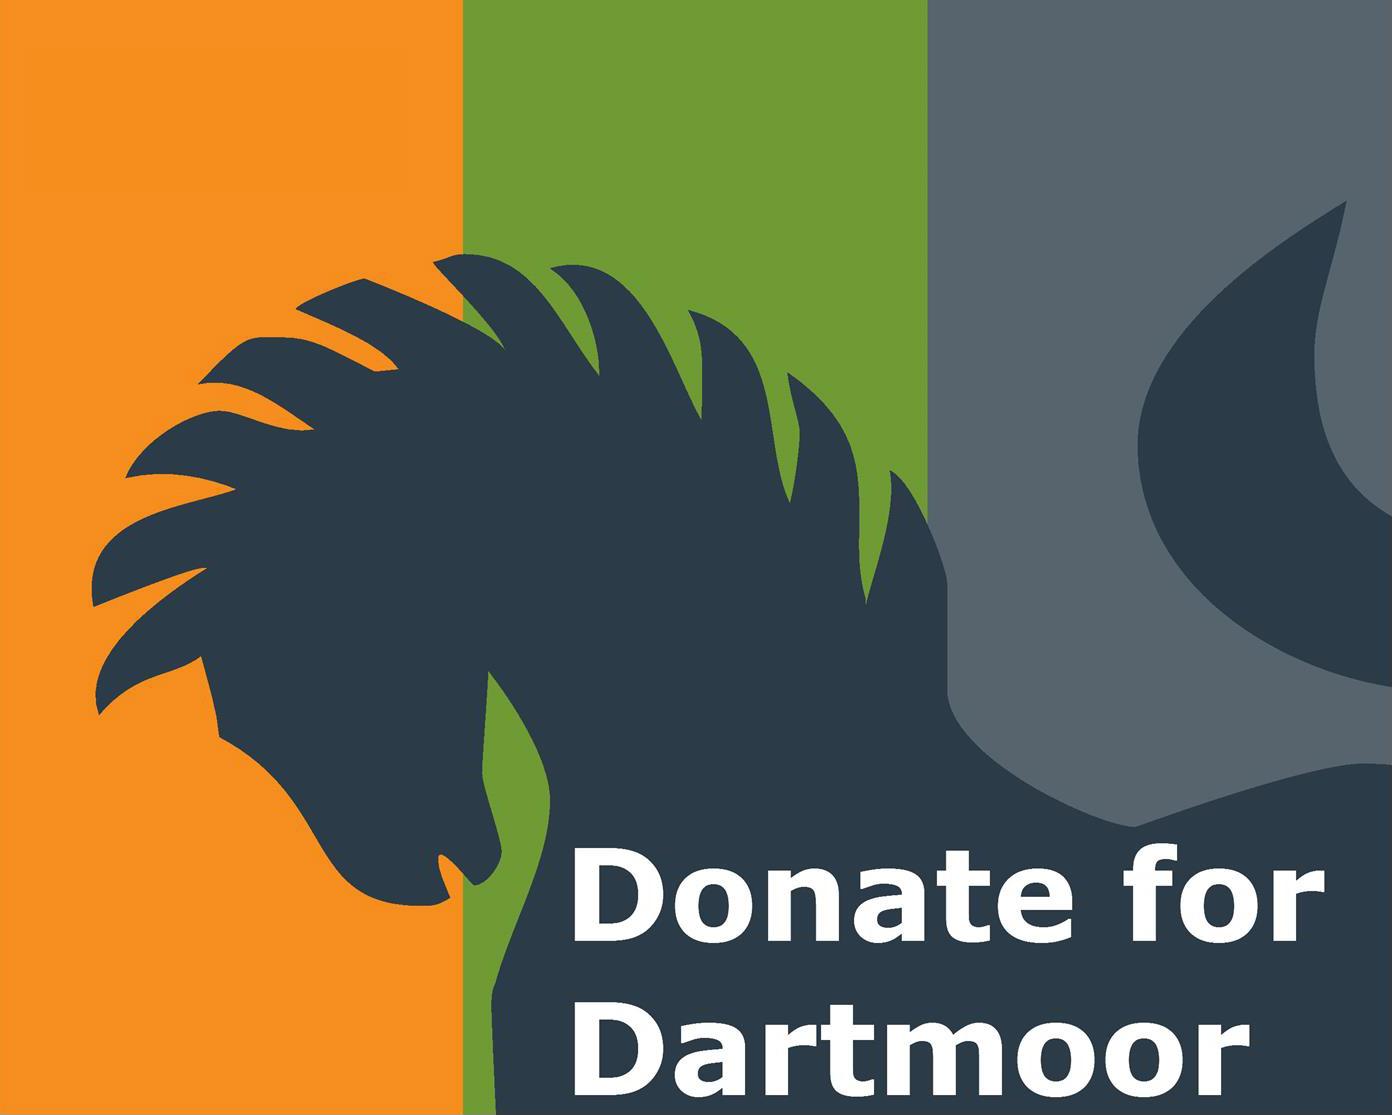 Donate for Dartmoor logo